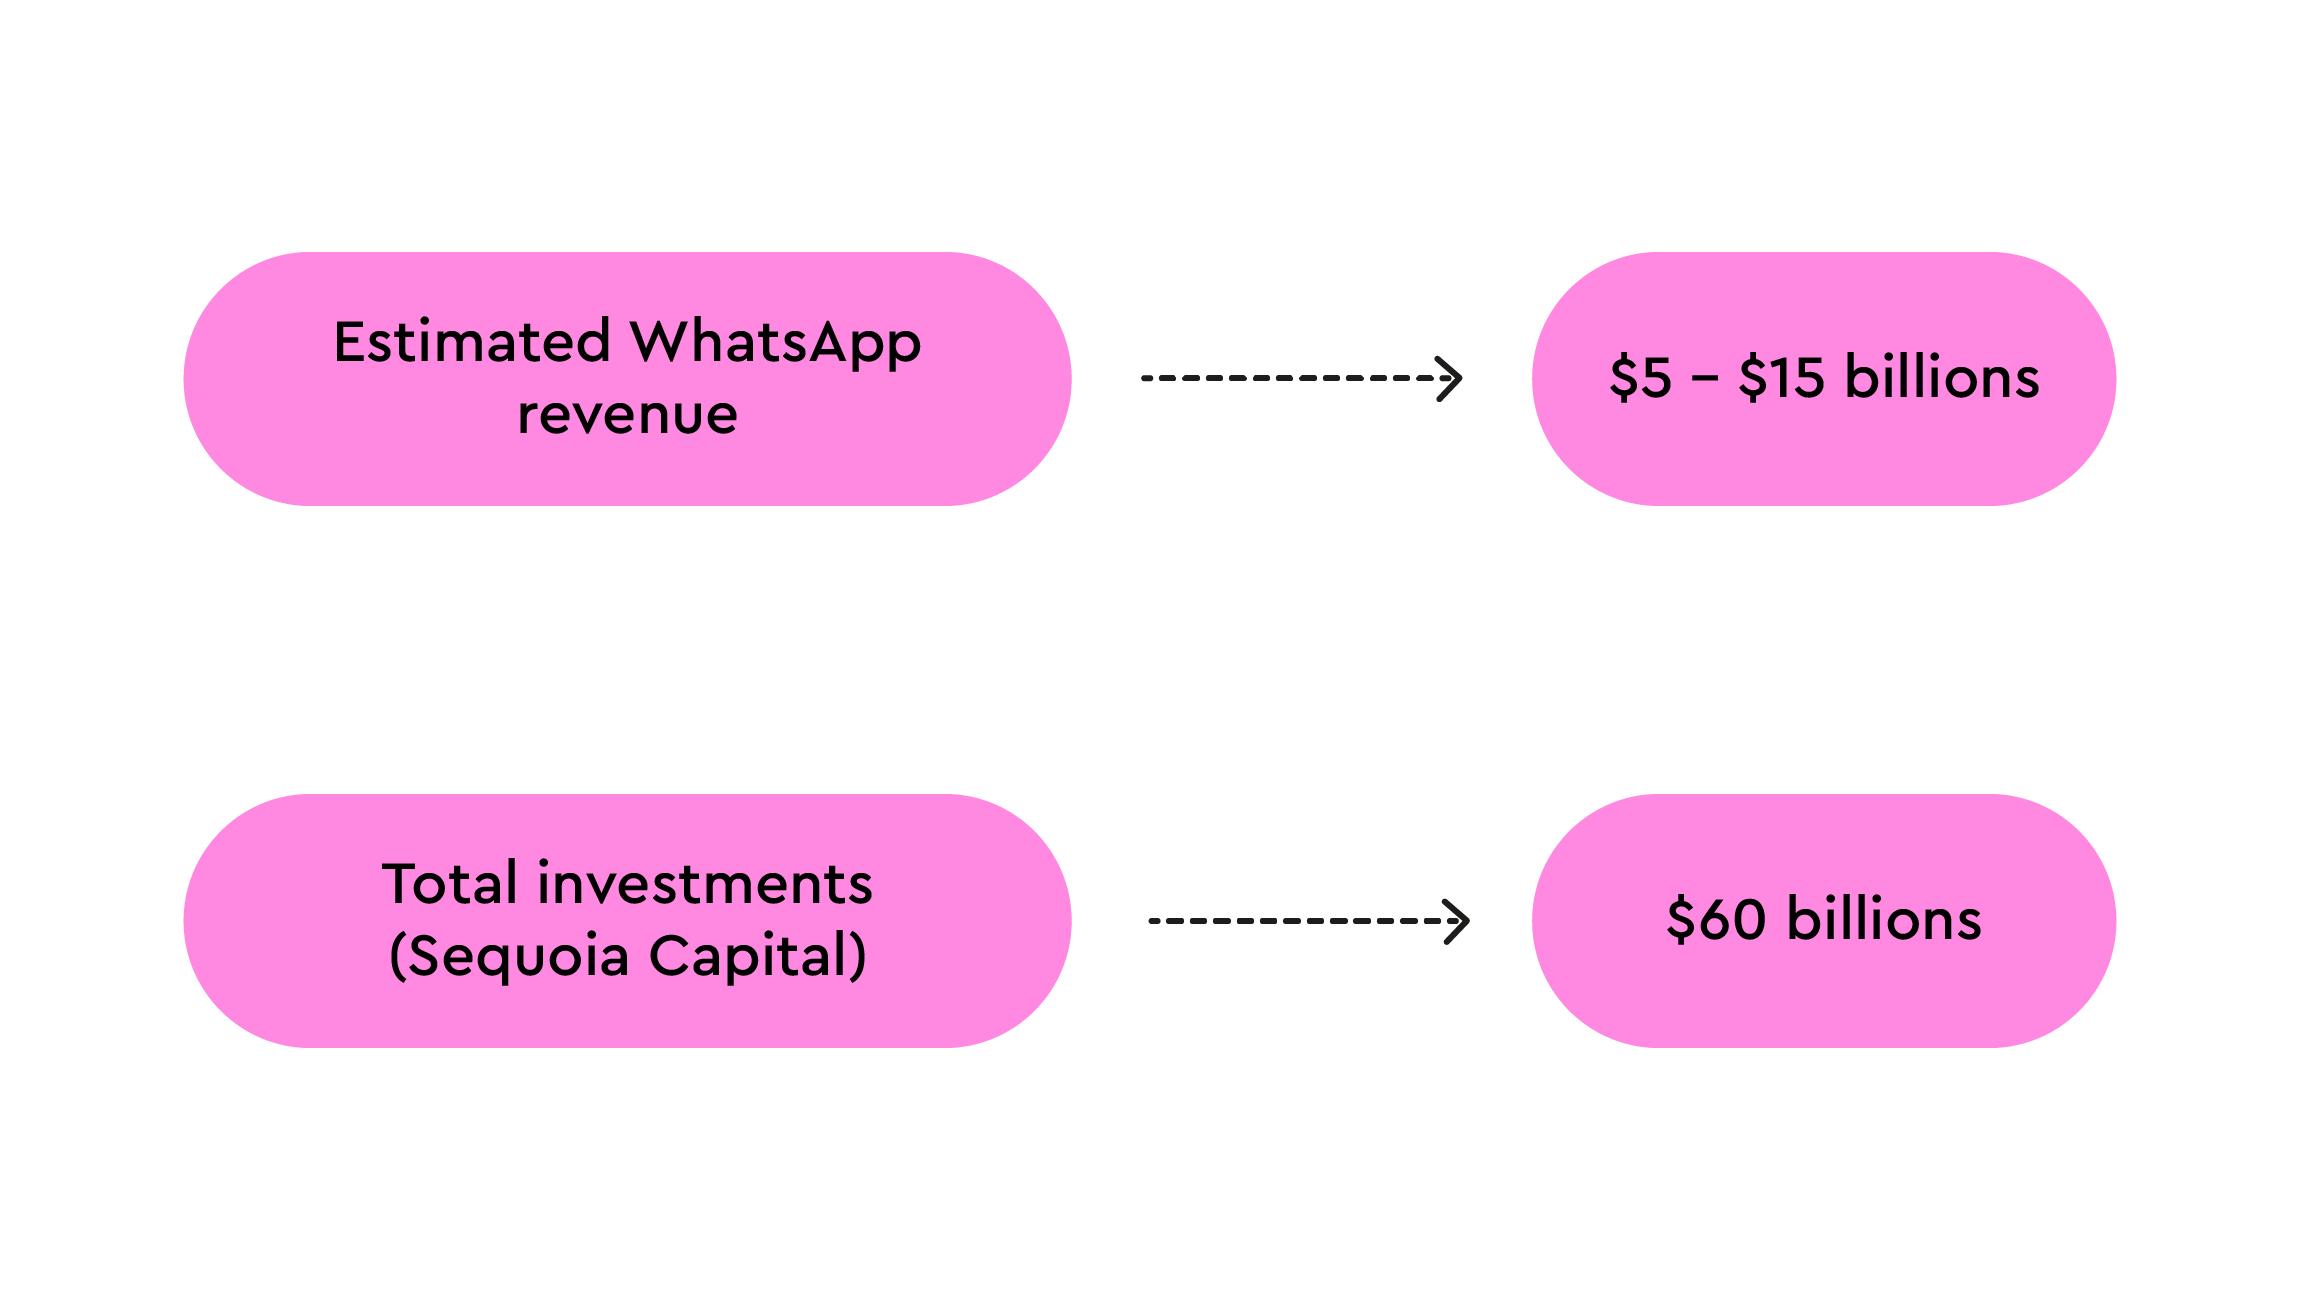 WhatsApp estimated revenue